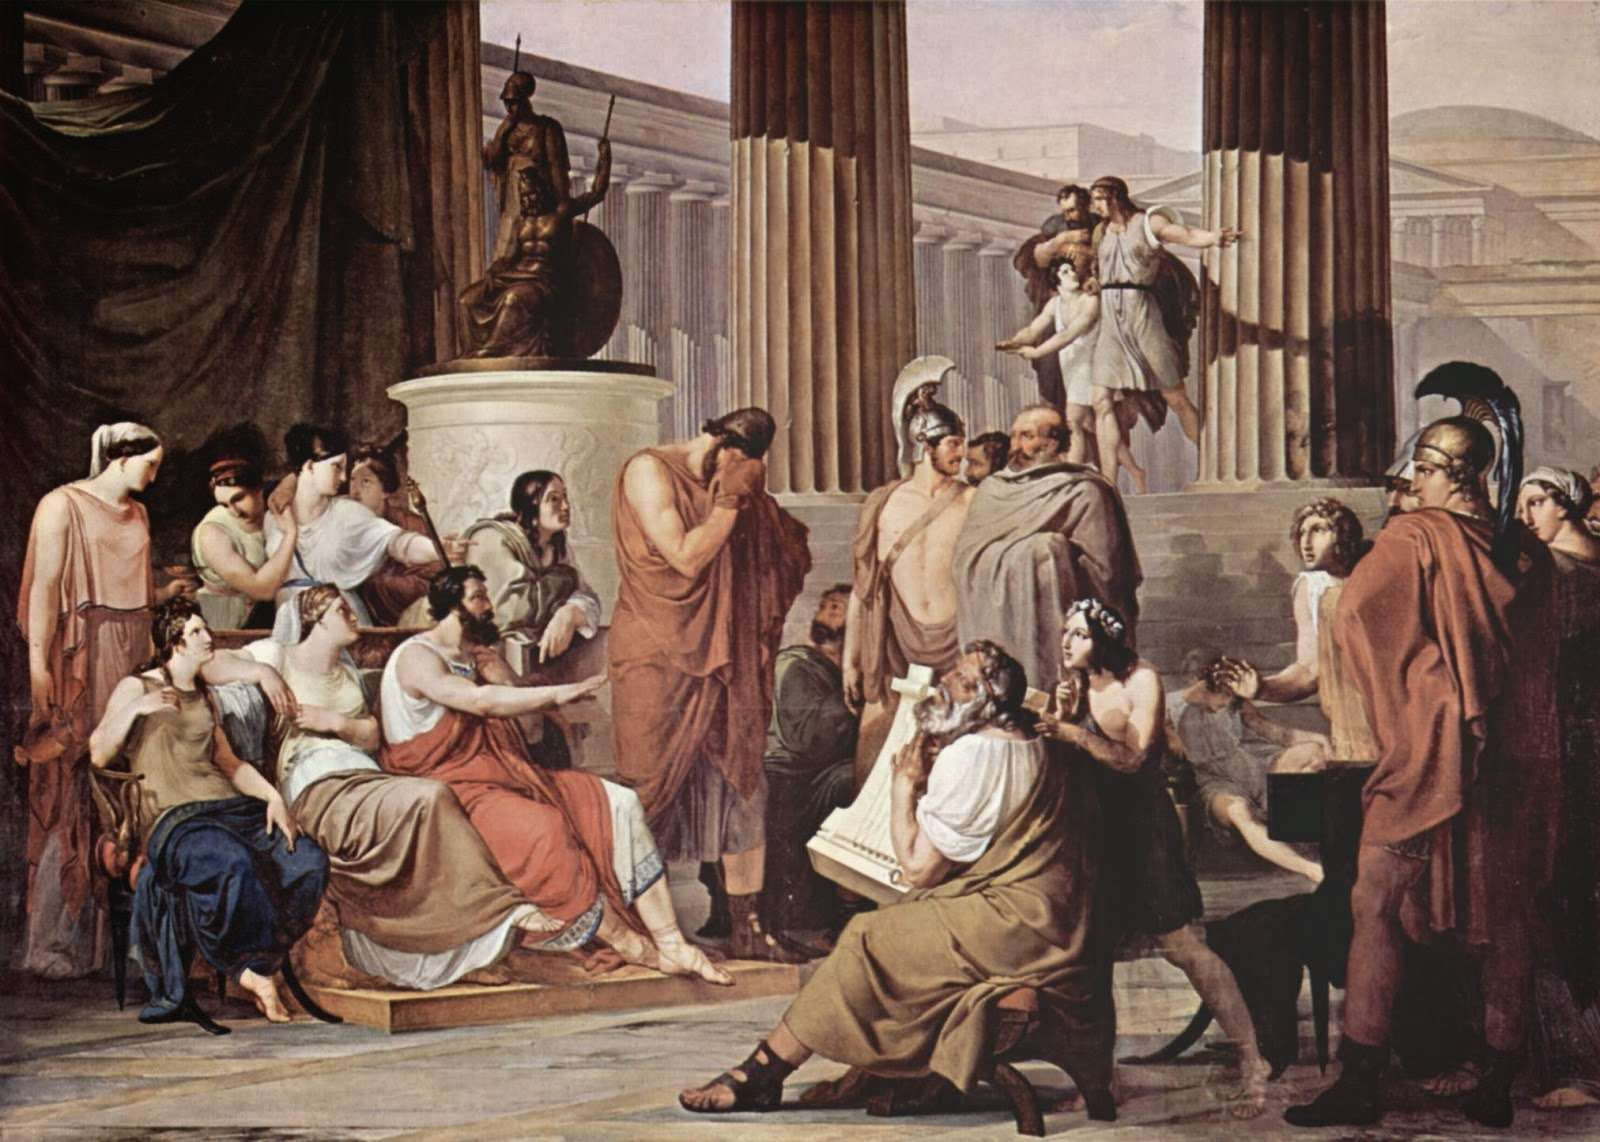 Αλκίνοος και Αρήτη οργανώνουν γιορτή φιλοξενίας στον ναυαγό Οδυσσέα. Ο βασιλιάς της Ιθάκης σκεπάζει τα δάκρυα που του προκαλεί το συγκινητικό τραγούδι του Δημόδοκου (δεξιά με τη λύρα). Francesco Hayez, 1814 -15. Μουσείο Νάπολης. Ιταλία.